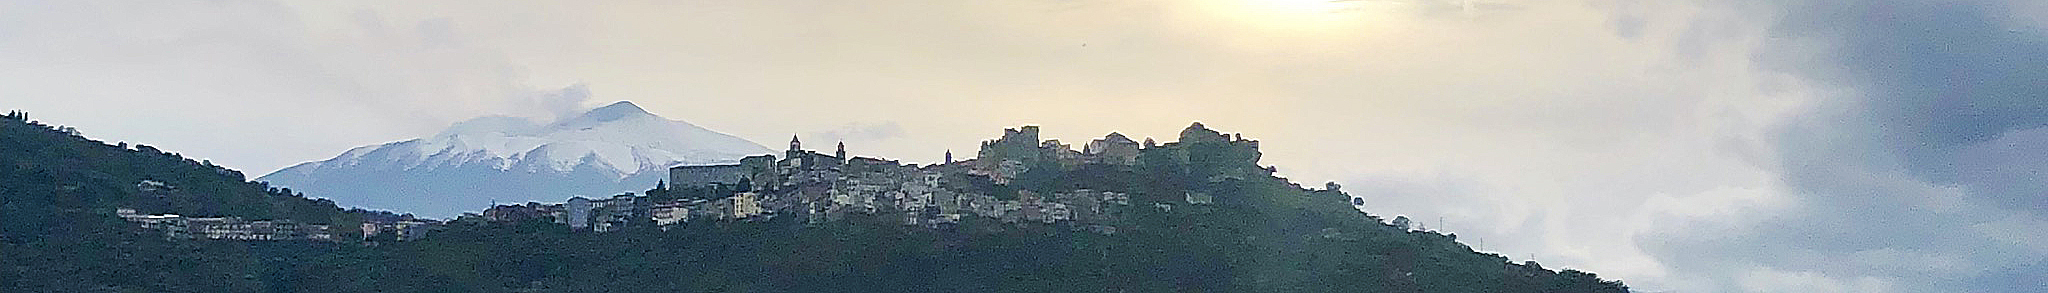 Francavilla Di Sicilia Wikivoyage Guida Turistica Di Viaggio